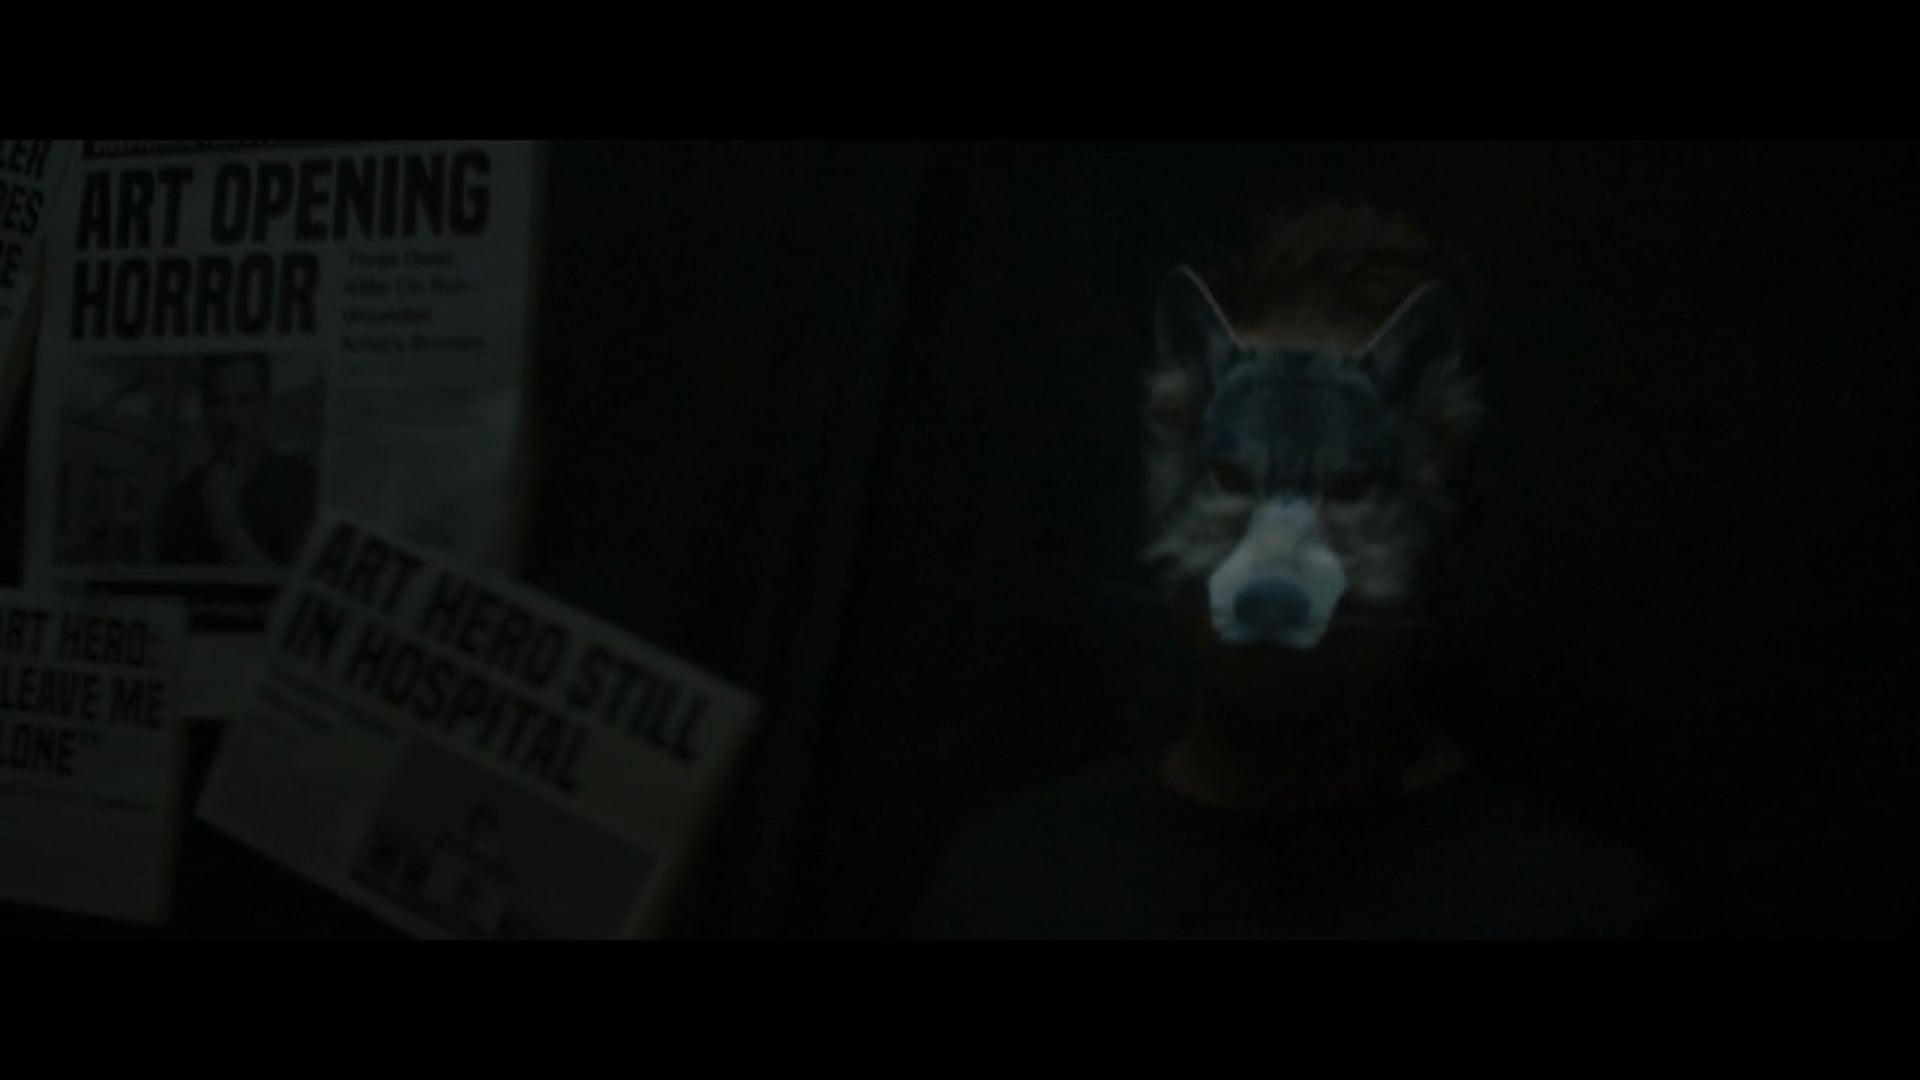 Nightfeed 1.0 - POC Short Film - a film by Petros Ktenas